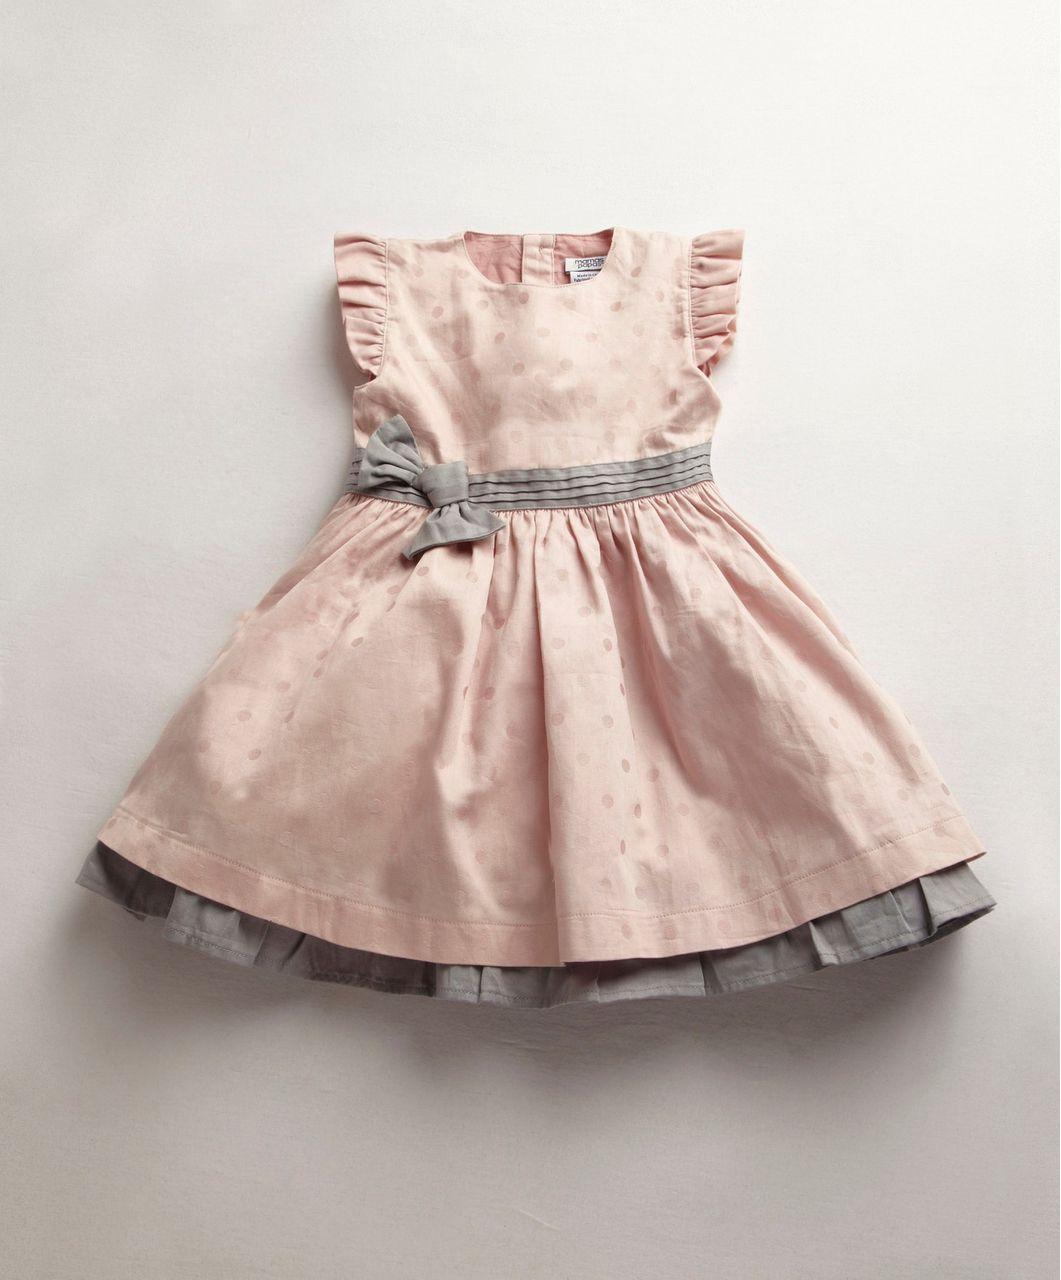 a8b8627e43548 Girls Pink Jacquard Dress - Fashion (0 - 4 Years) - Mamas & Papas ...